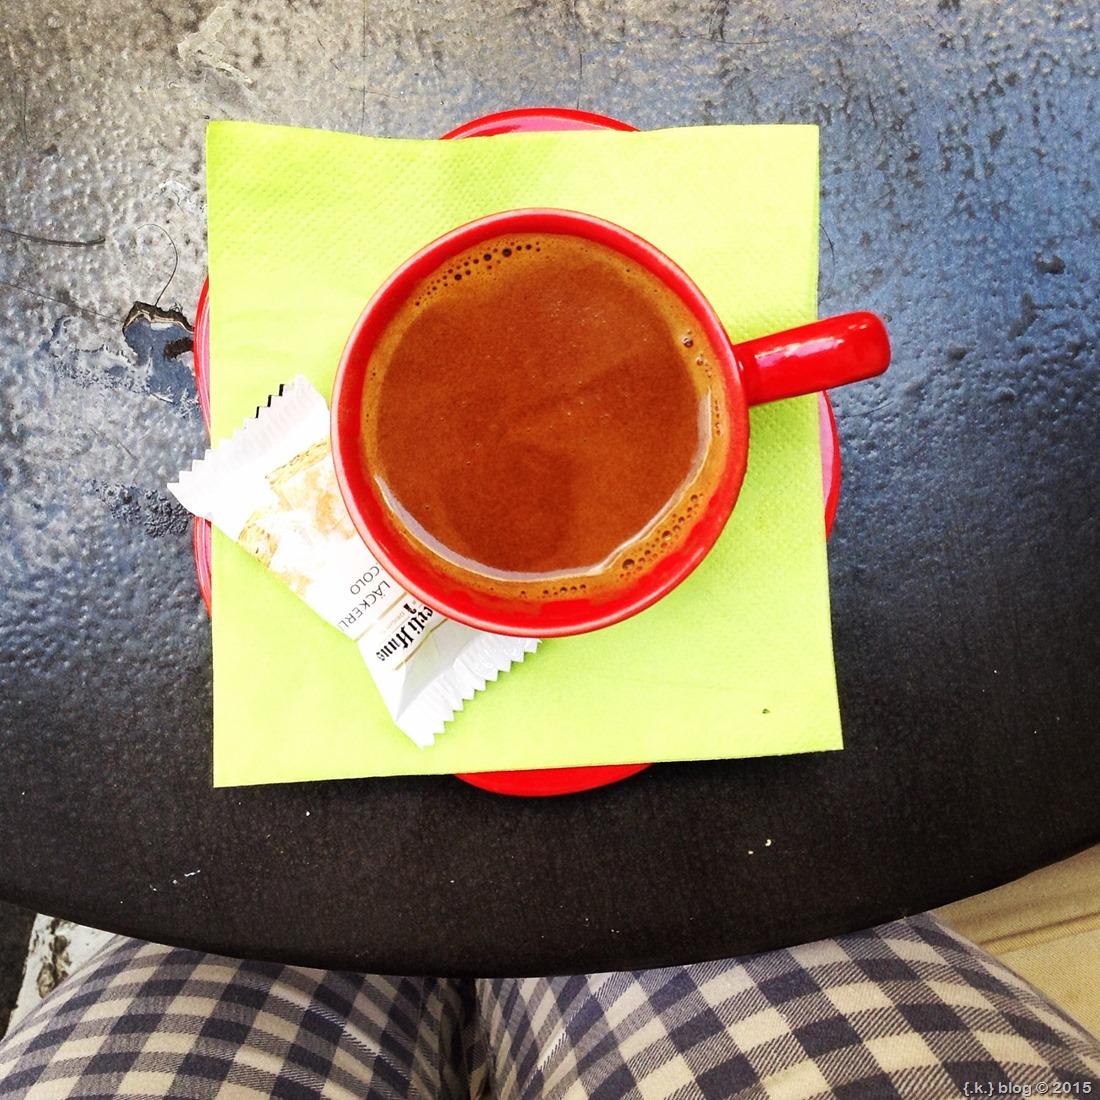 {.k.} blog - Tinos island in Greece, KARYBU Tinos, KARYBU cafe and wine Tinos, KARYBU Τήνος